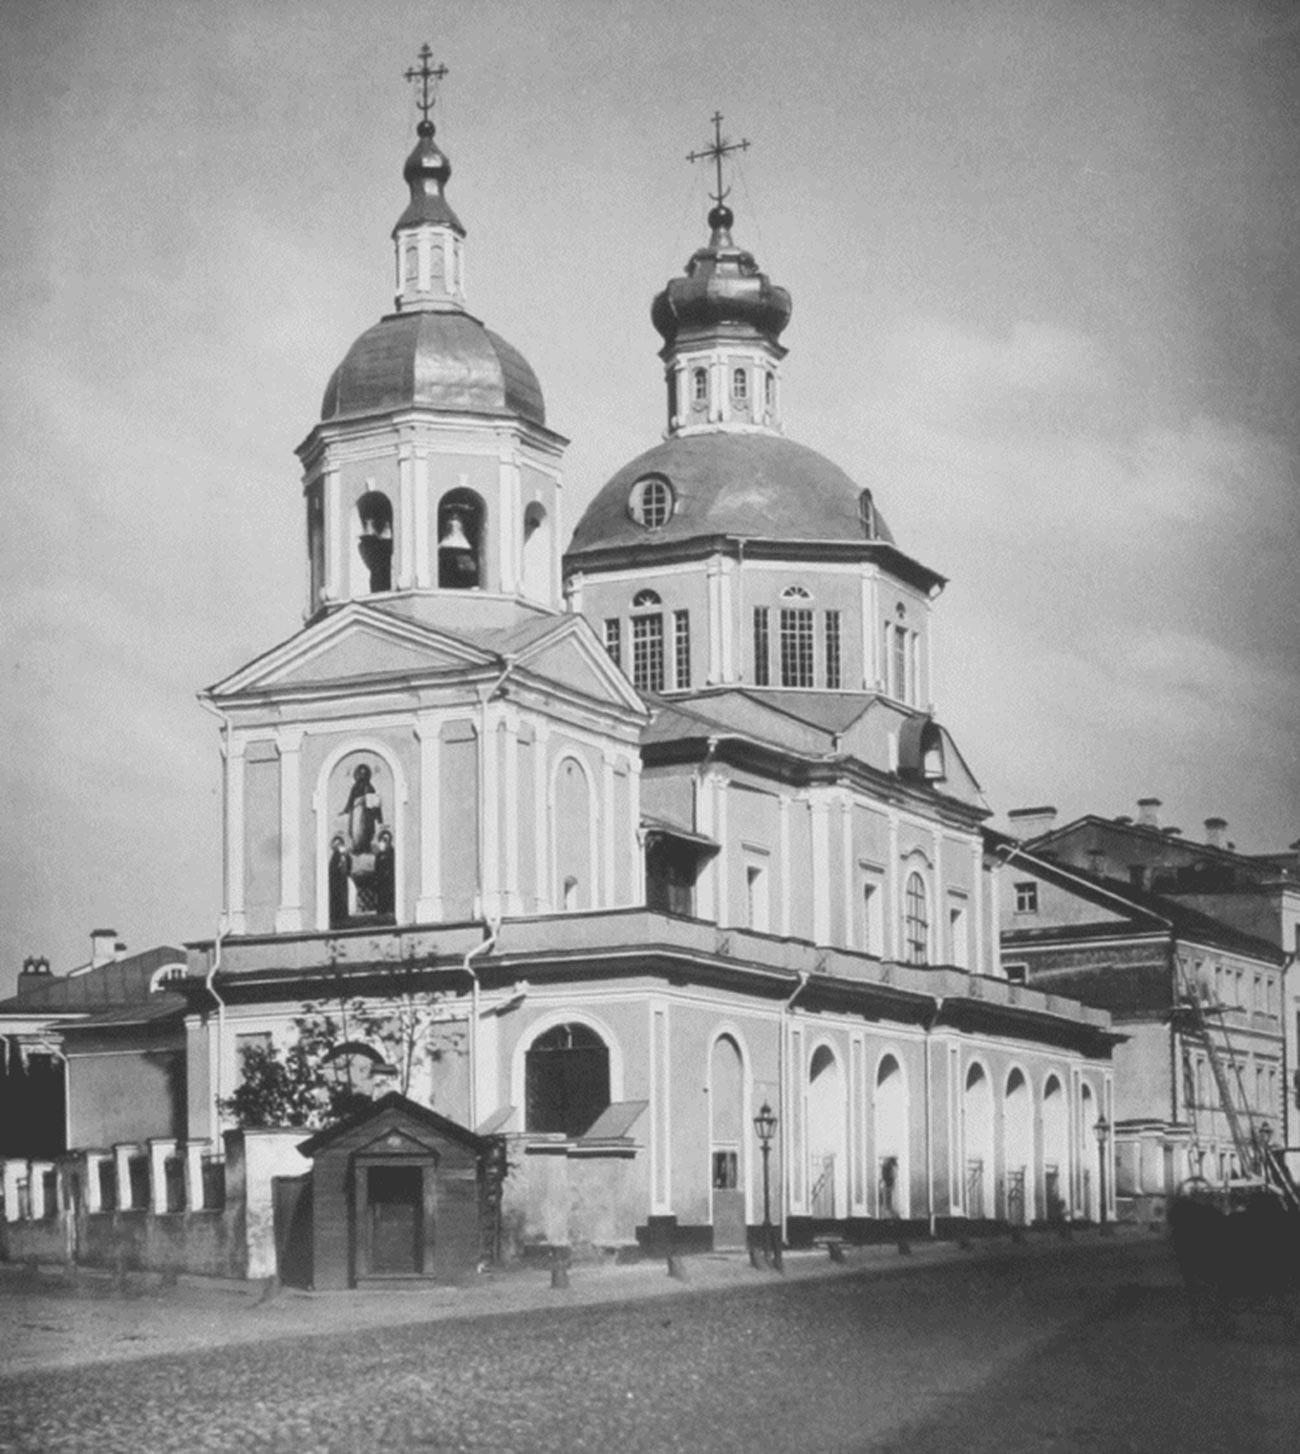 Церковь Святого Евпла, 1882. Фото из книги Николая Найдёнова «Москва. Соборы, монастыри и церкви». 1882—1883 годы